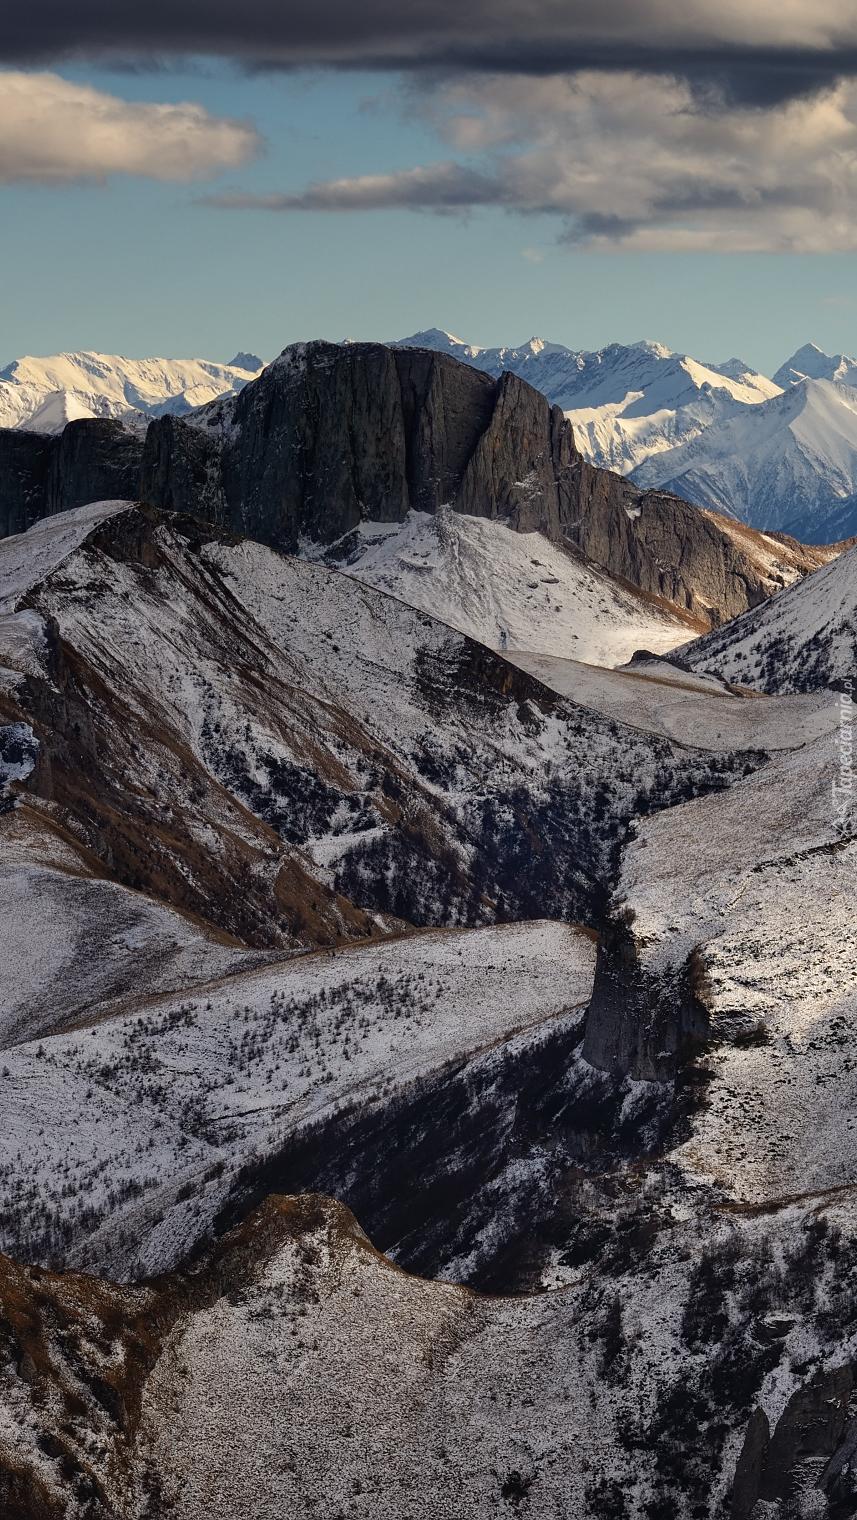 Kaukaski Rezerwat Biosfery w Rosji